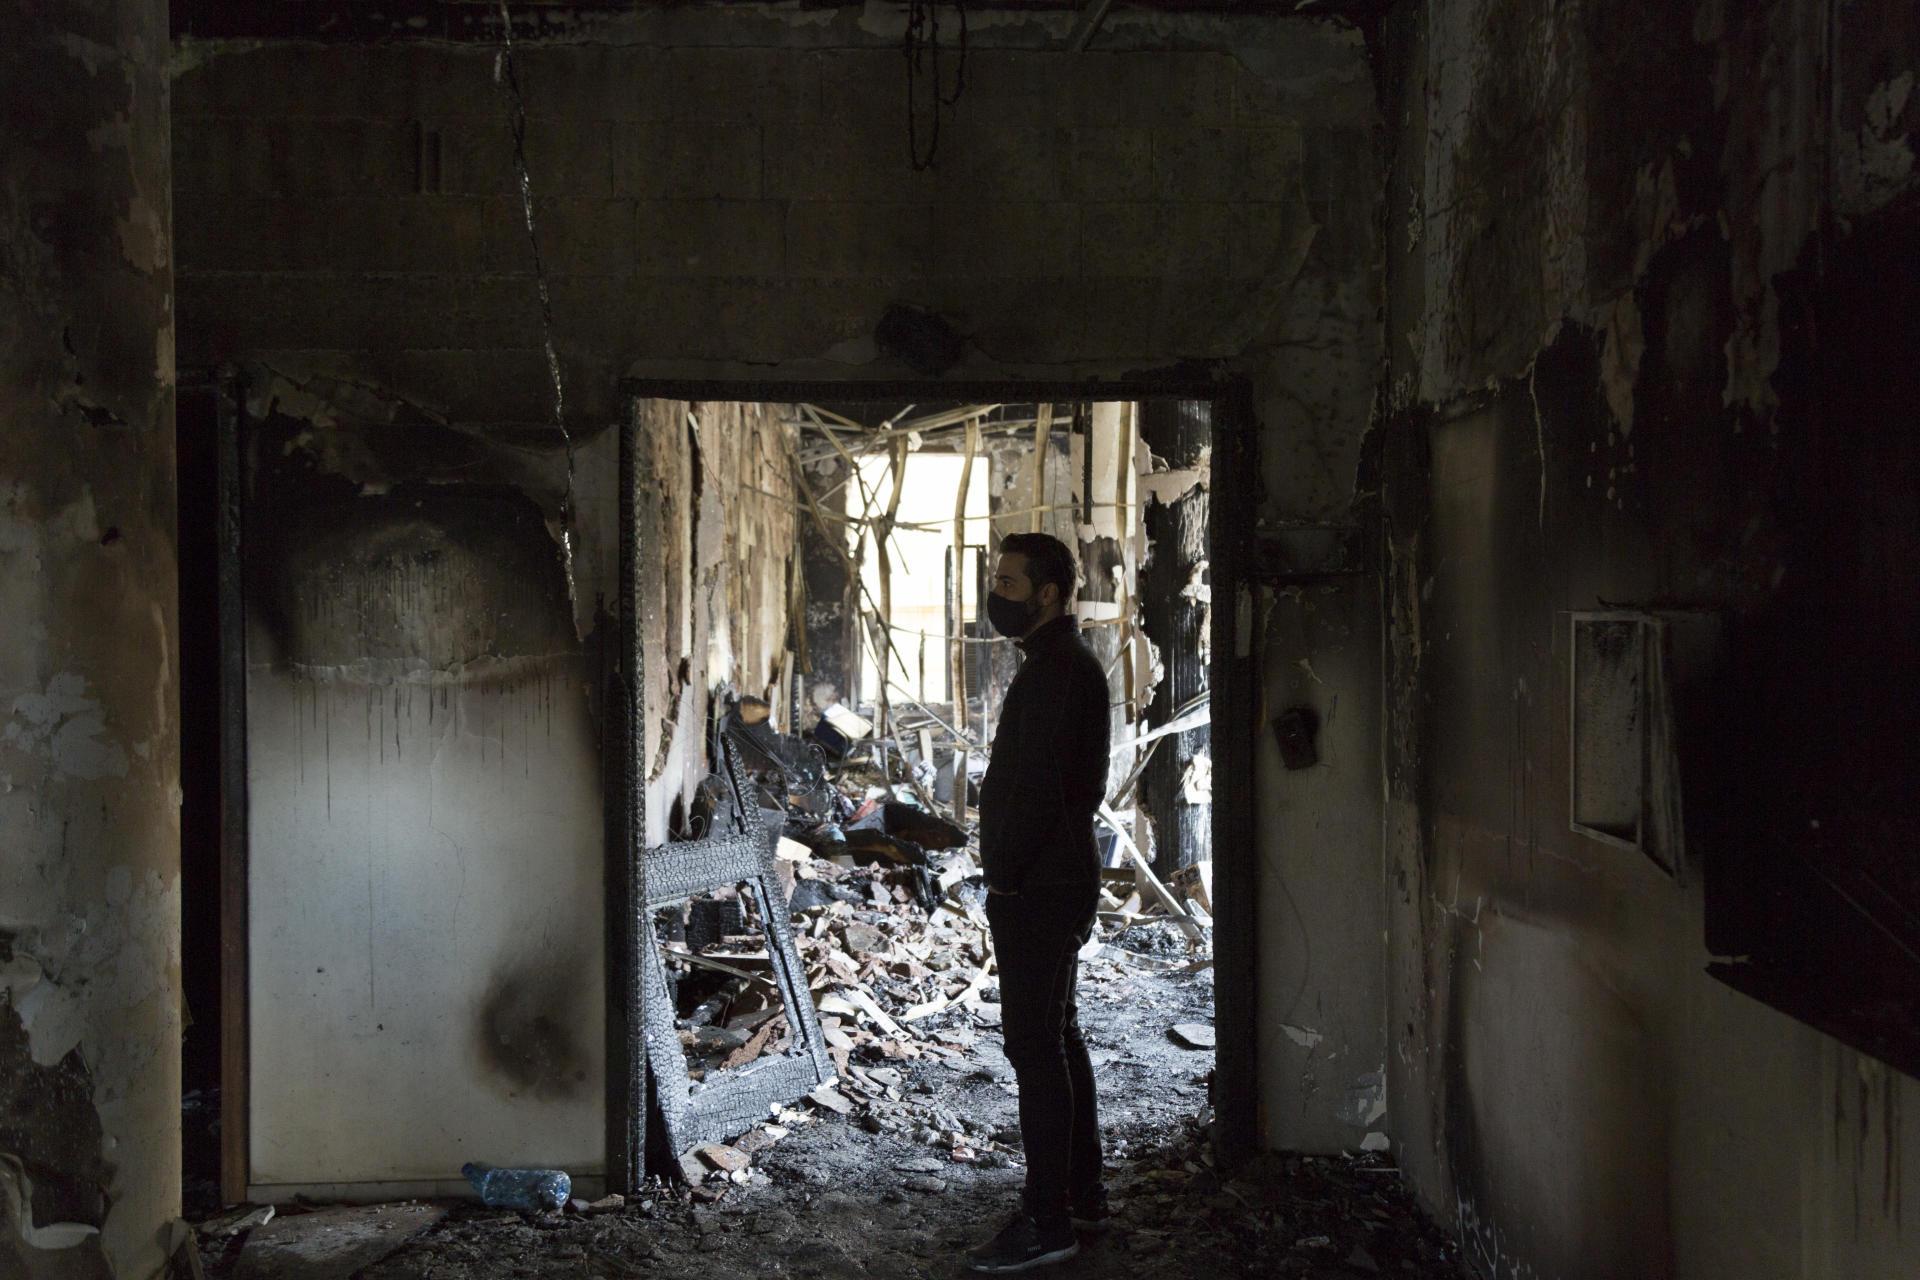 Le rez-de-chaussée du siège de la municipalité de Tripoli a pris feu lors d'affrontements avec les forces de sécurité, en marge des manifestations contre le confinement et la crise économique, jeudi 29 janvier.